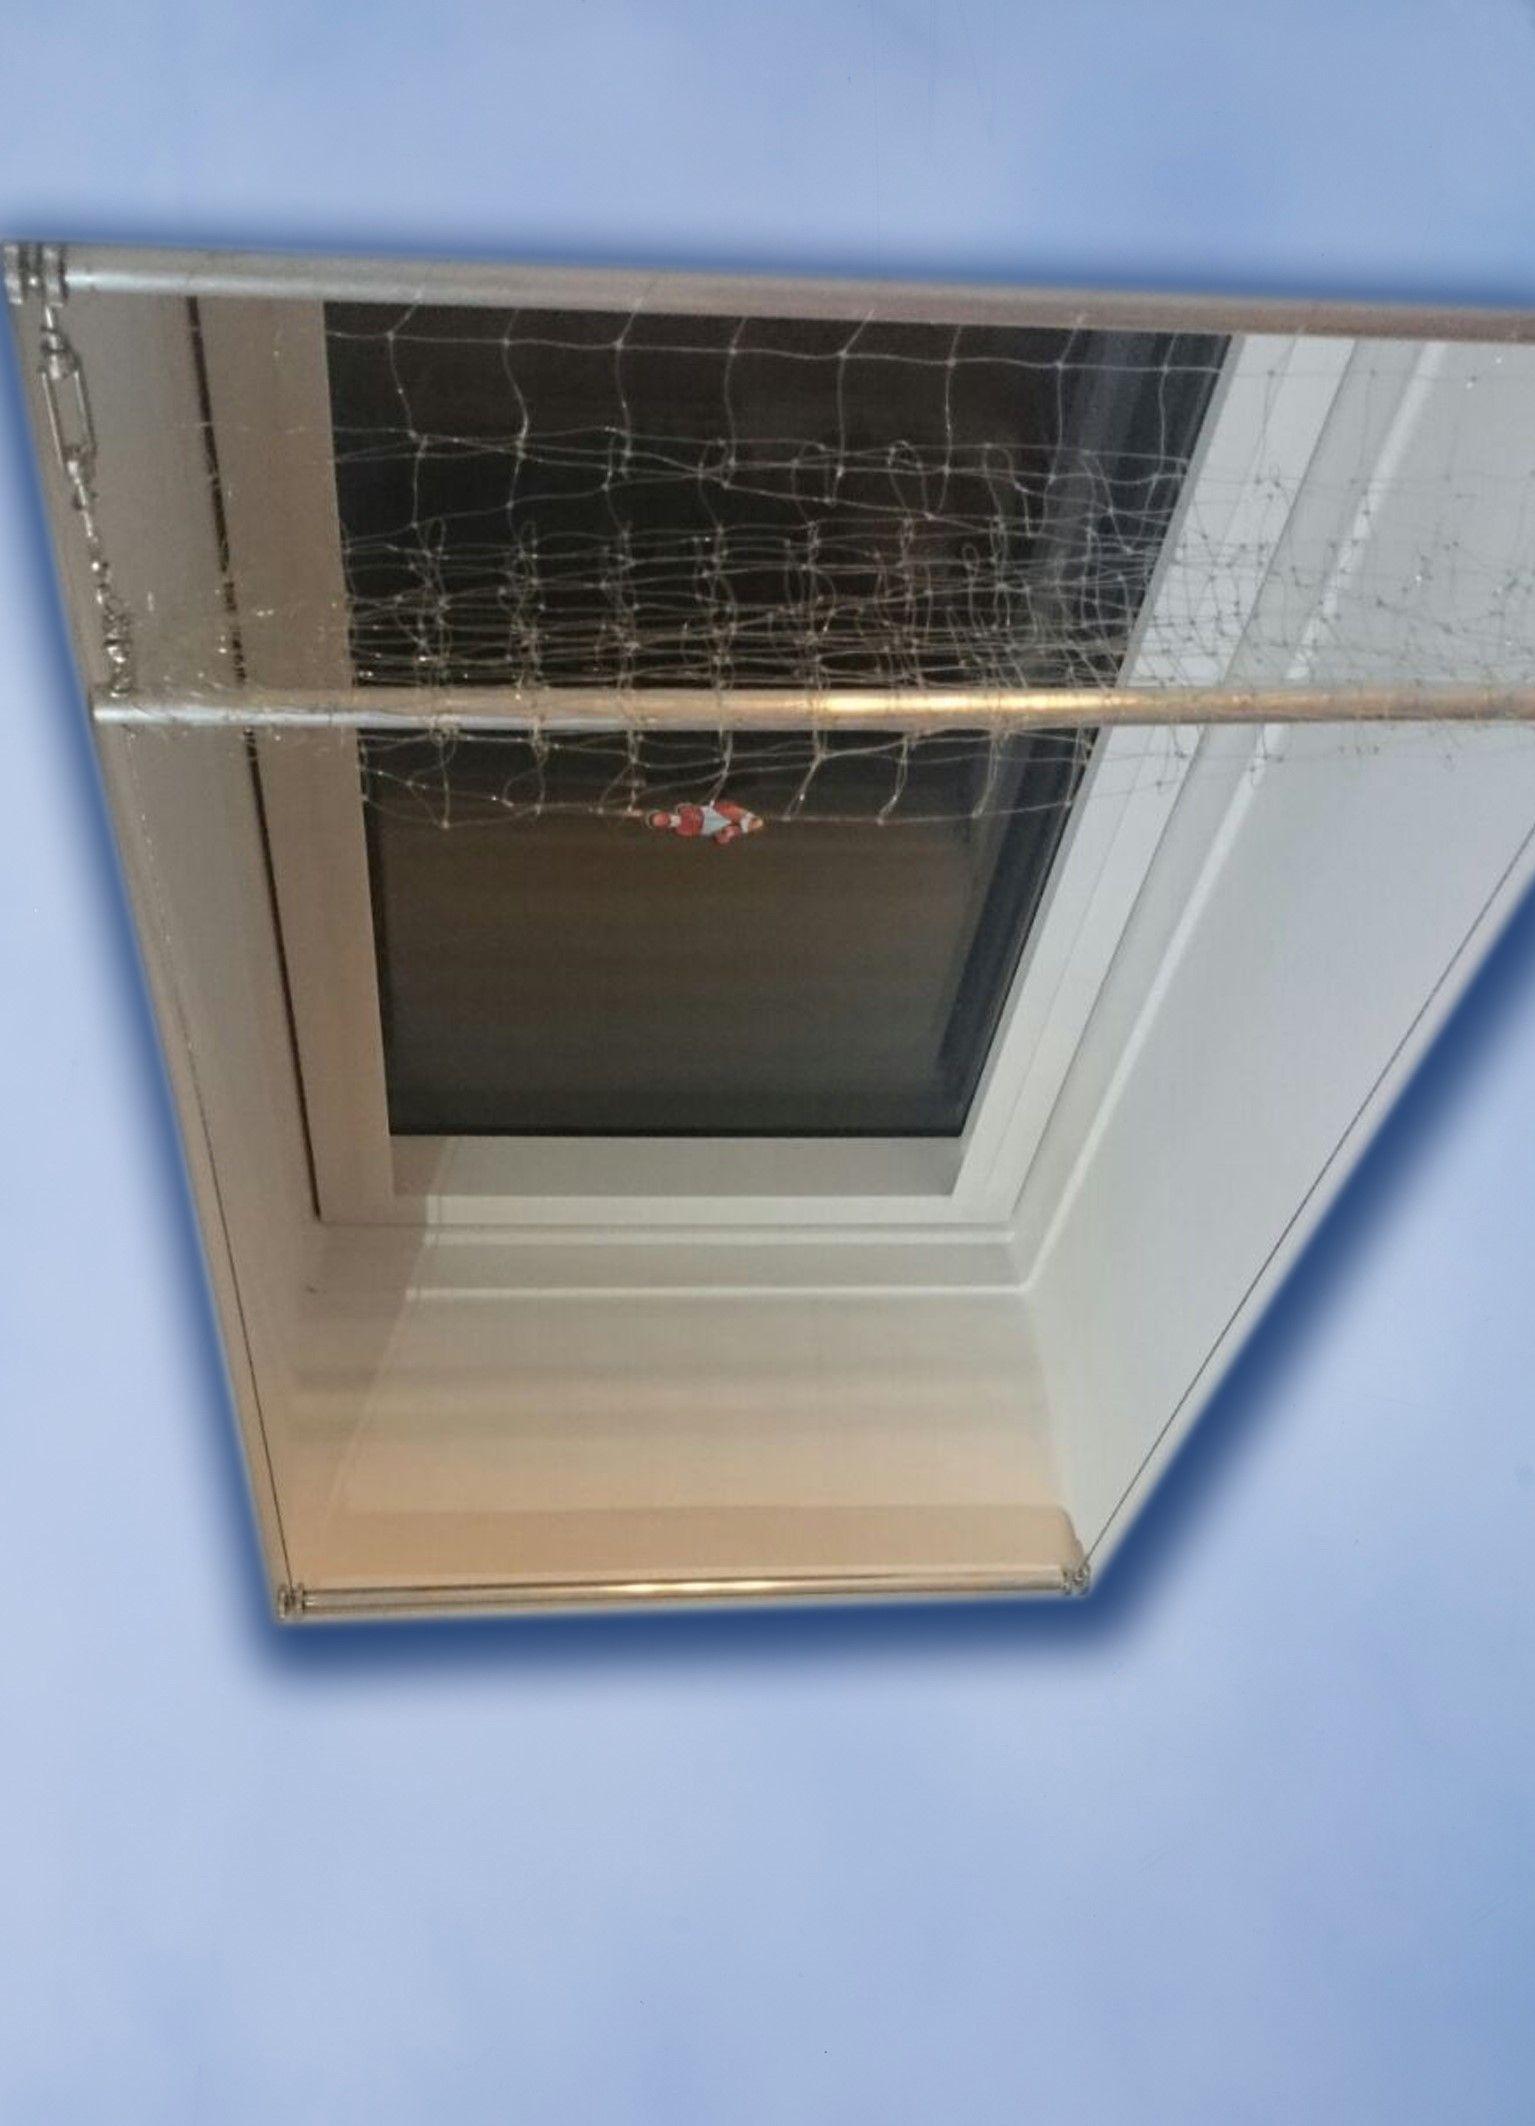 Dachflächenfenster maße  Katzennetz-Set für Dachflächenfenster, Maße bis B: 70cm H: 120cm ...